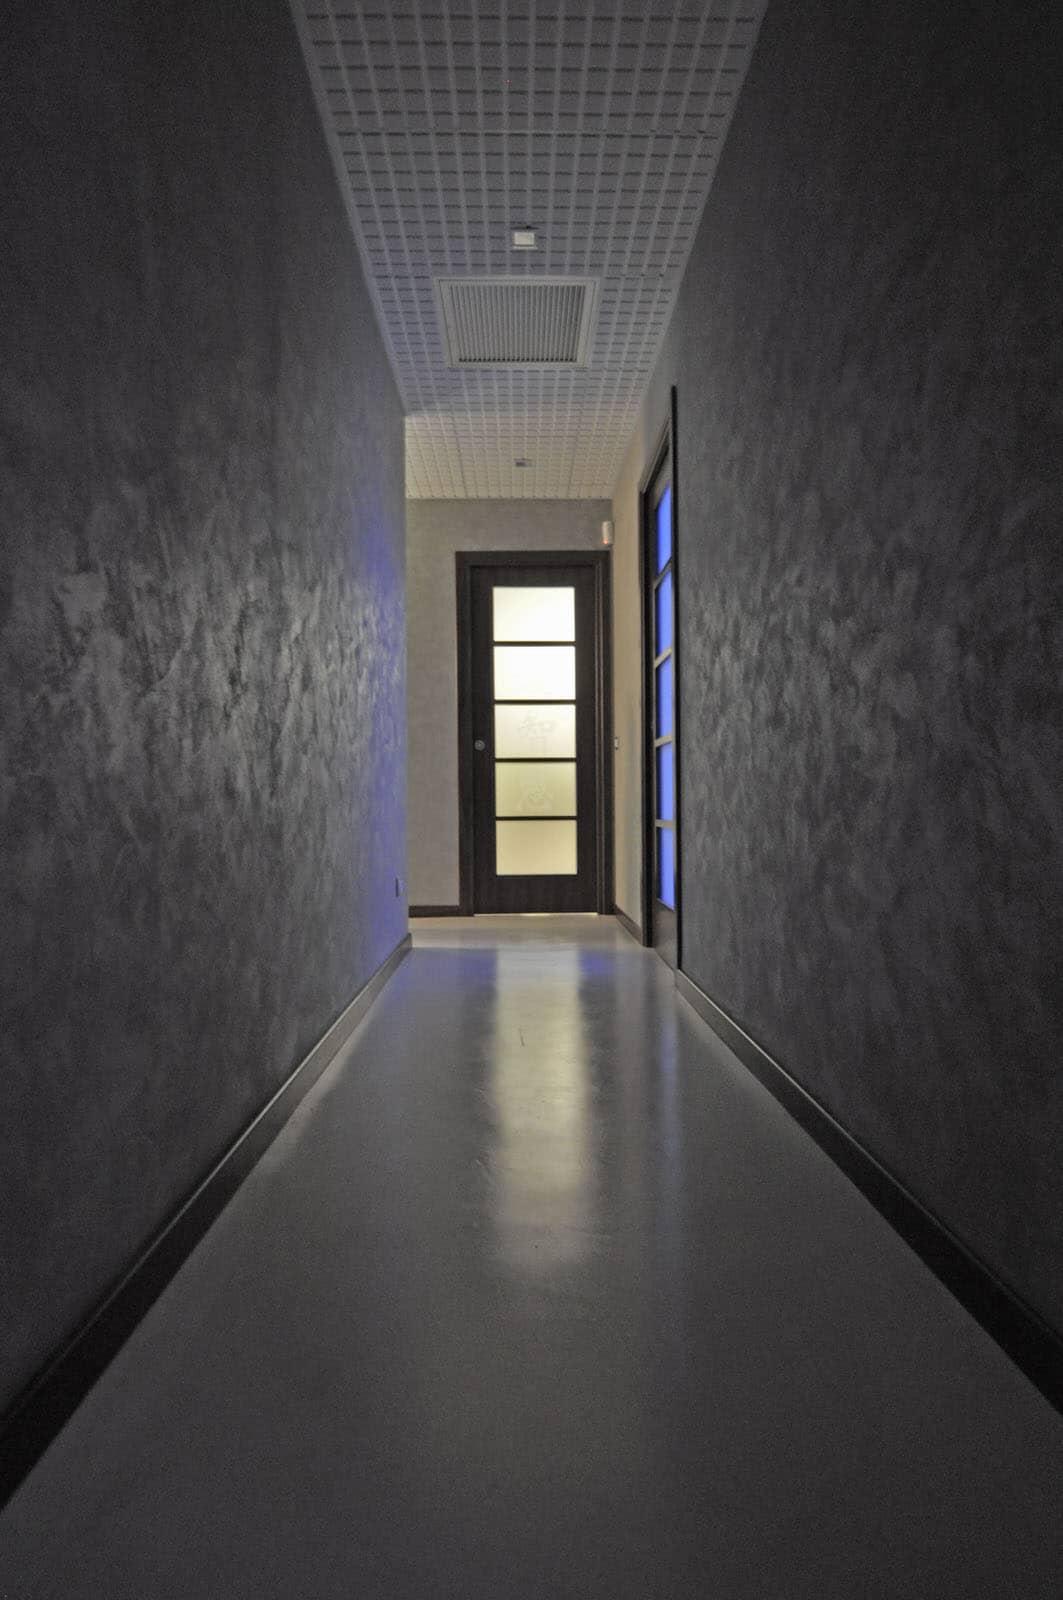 Centro estetico Anna Mari - Dis da relax room